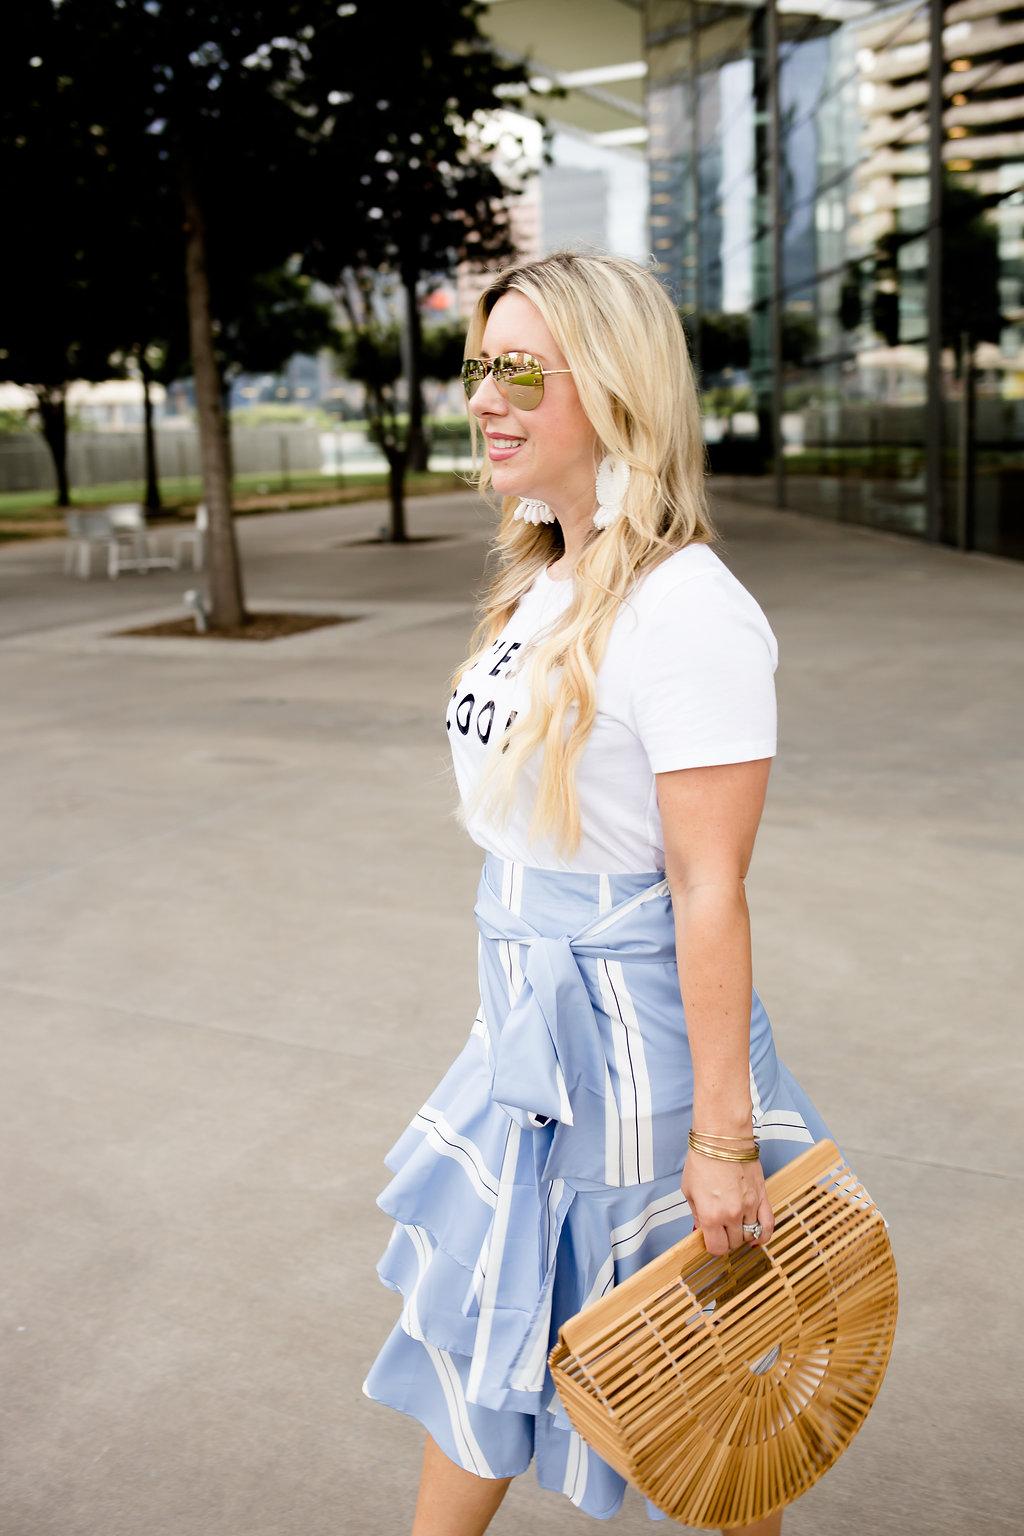 Graphic Tee & Ruffle Skirt | The Darling Petite Diva